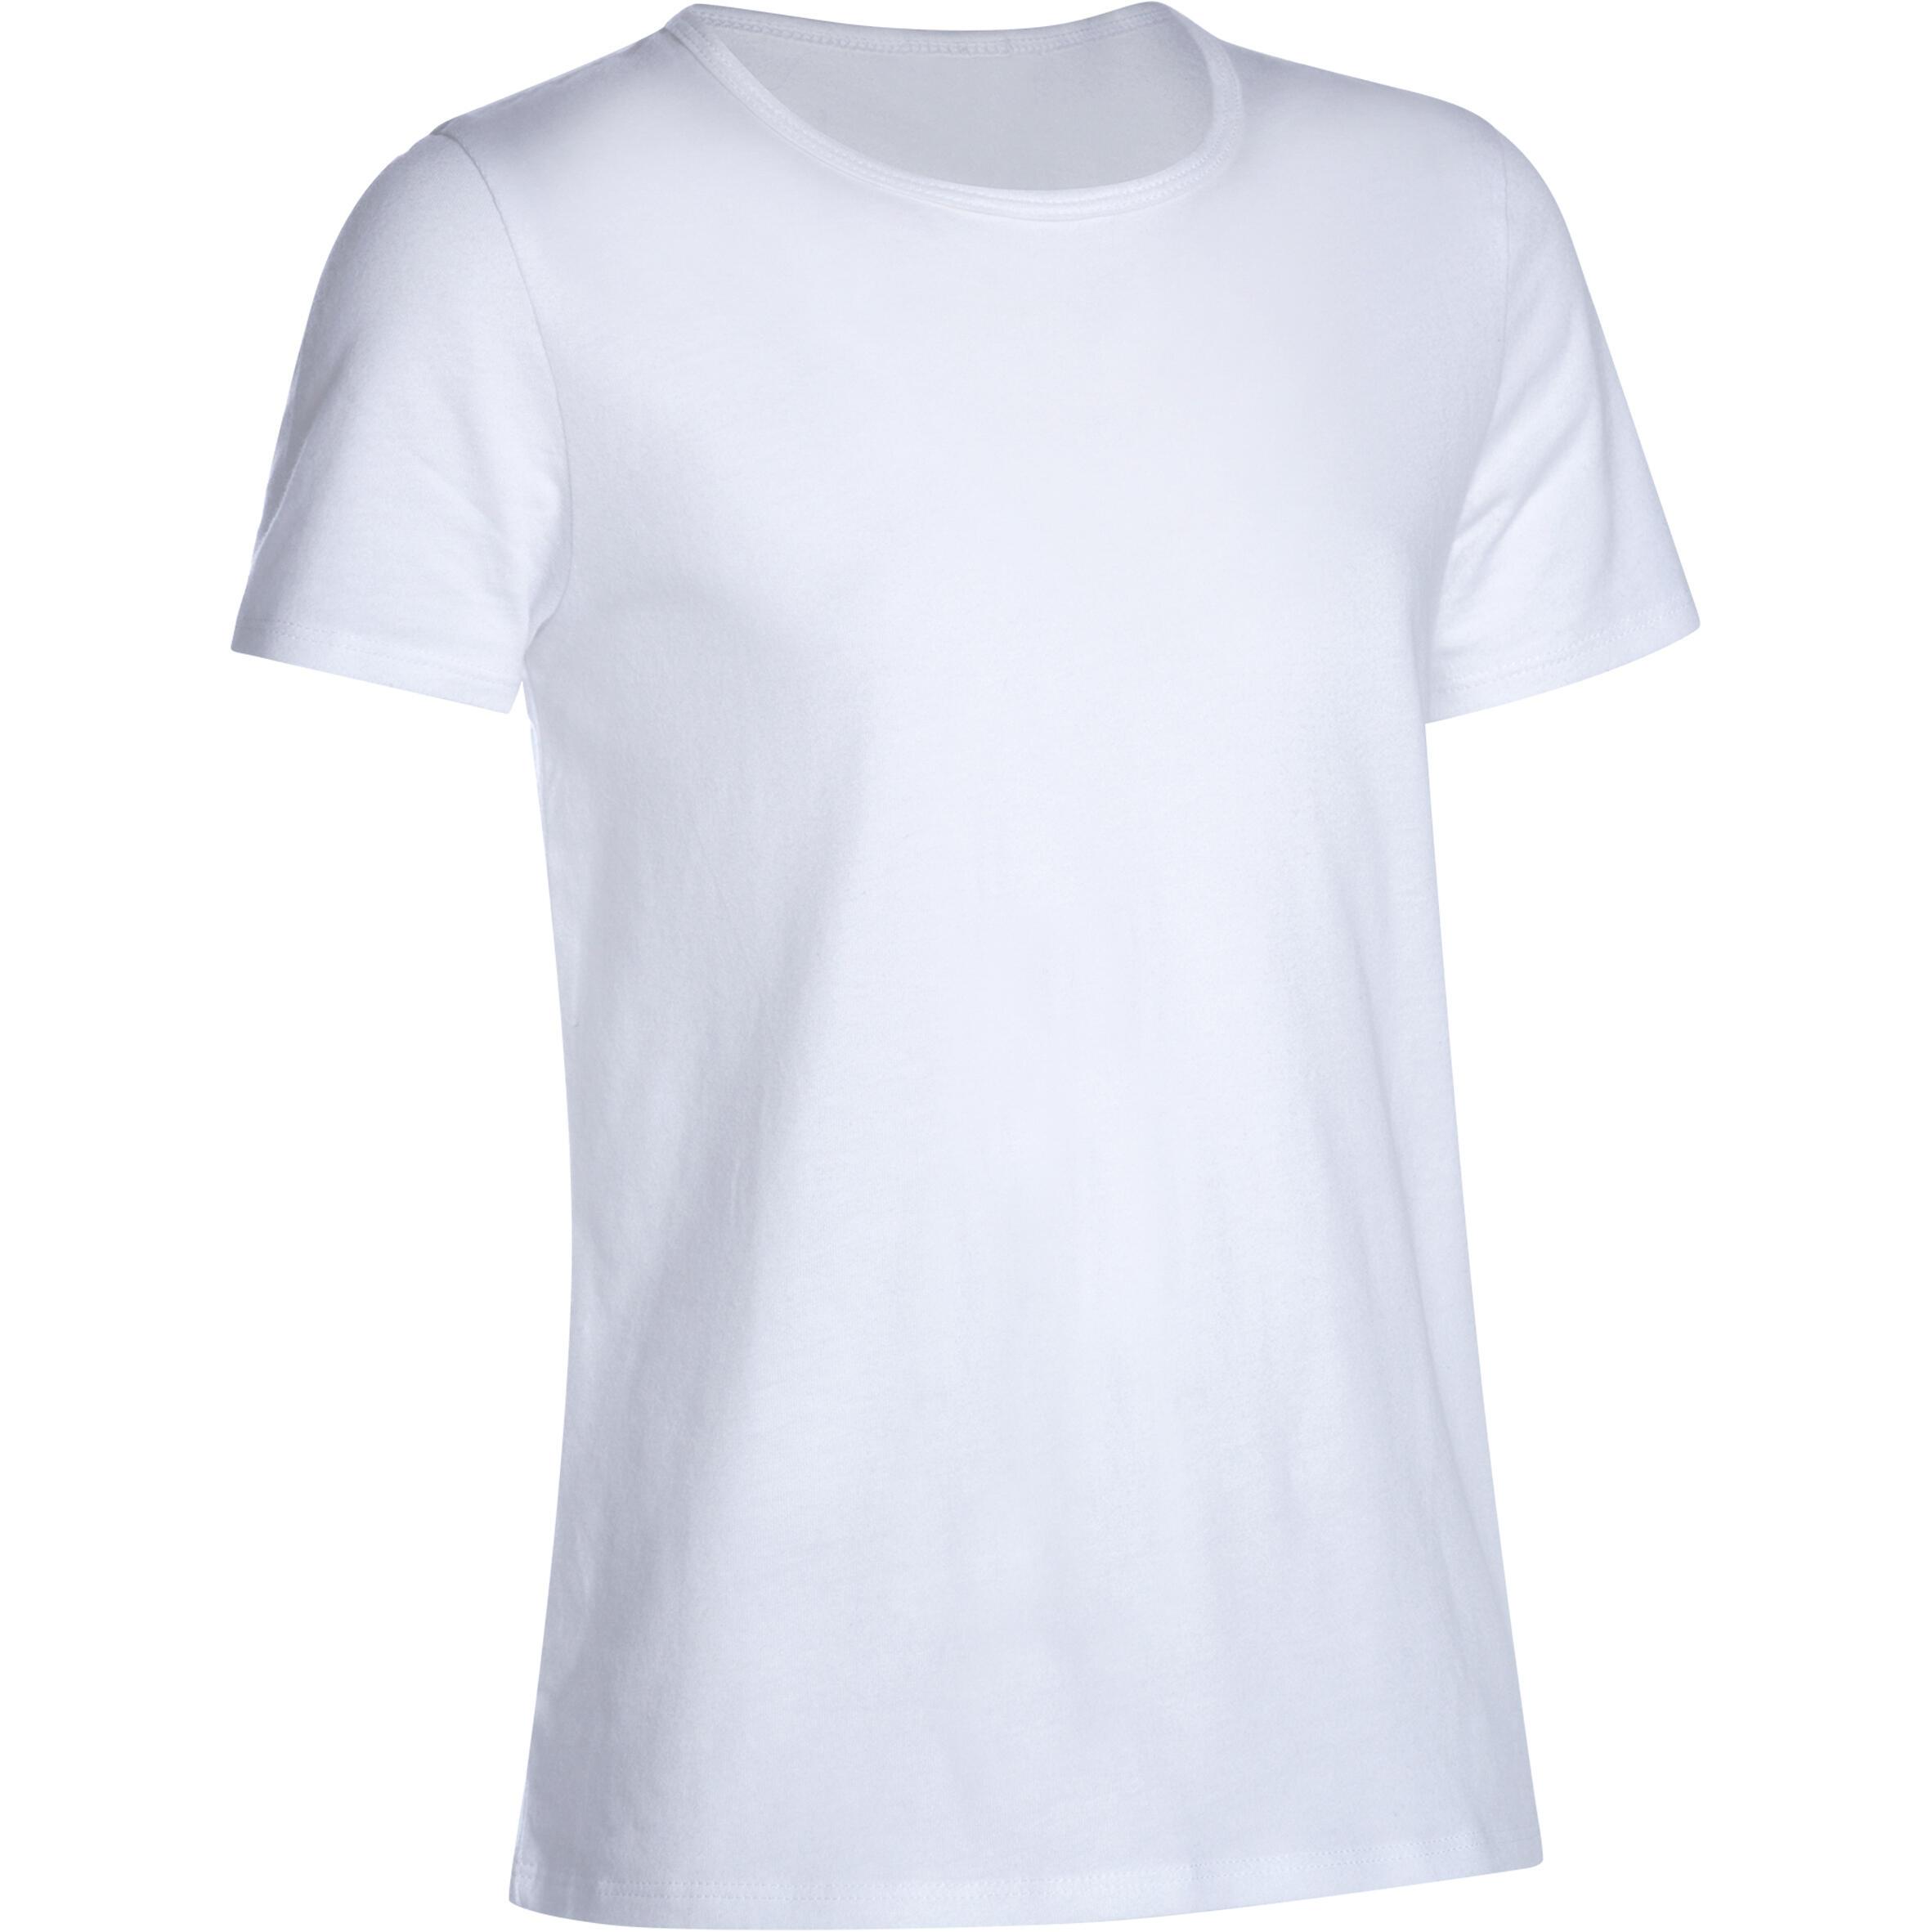 958c8d73d52 Tshirts meisjes | Decathlon